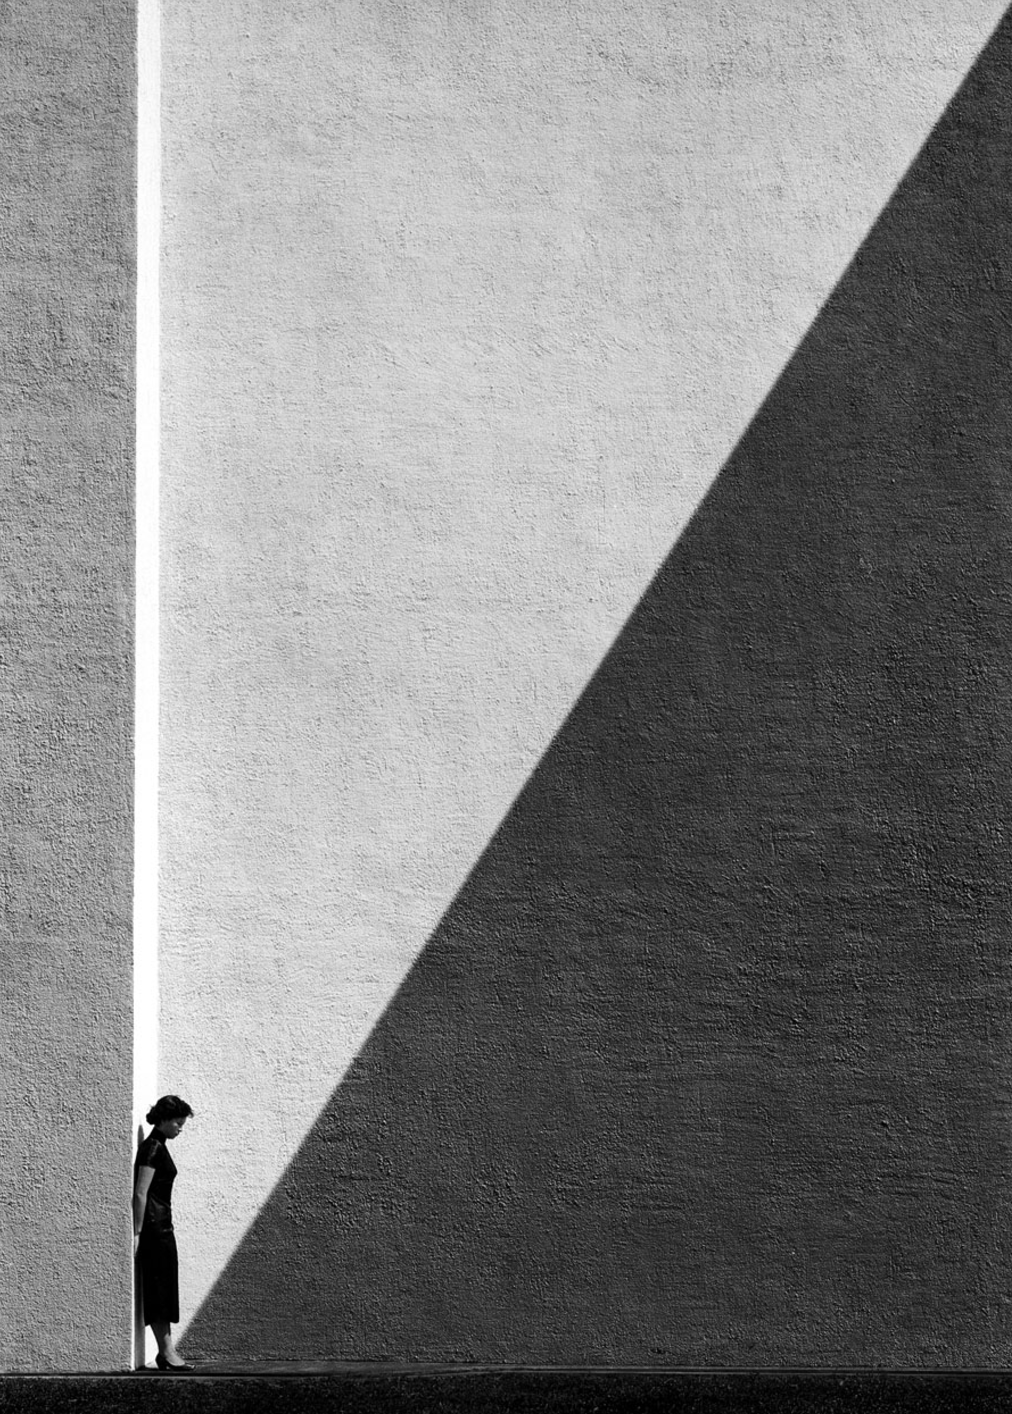 Ho Fan. Approaching Shadow, 1954